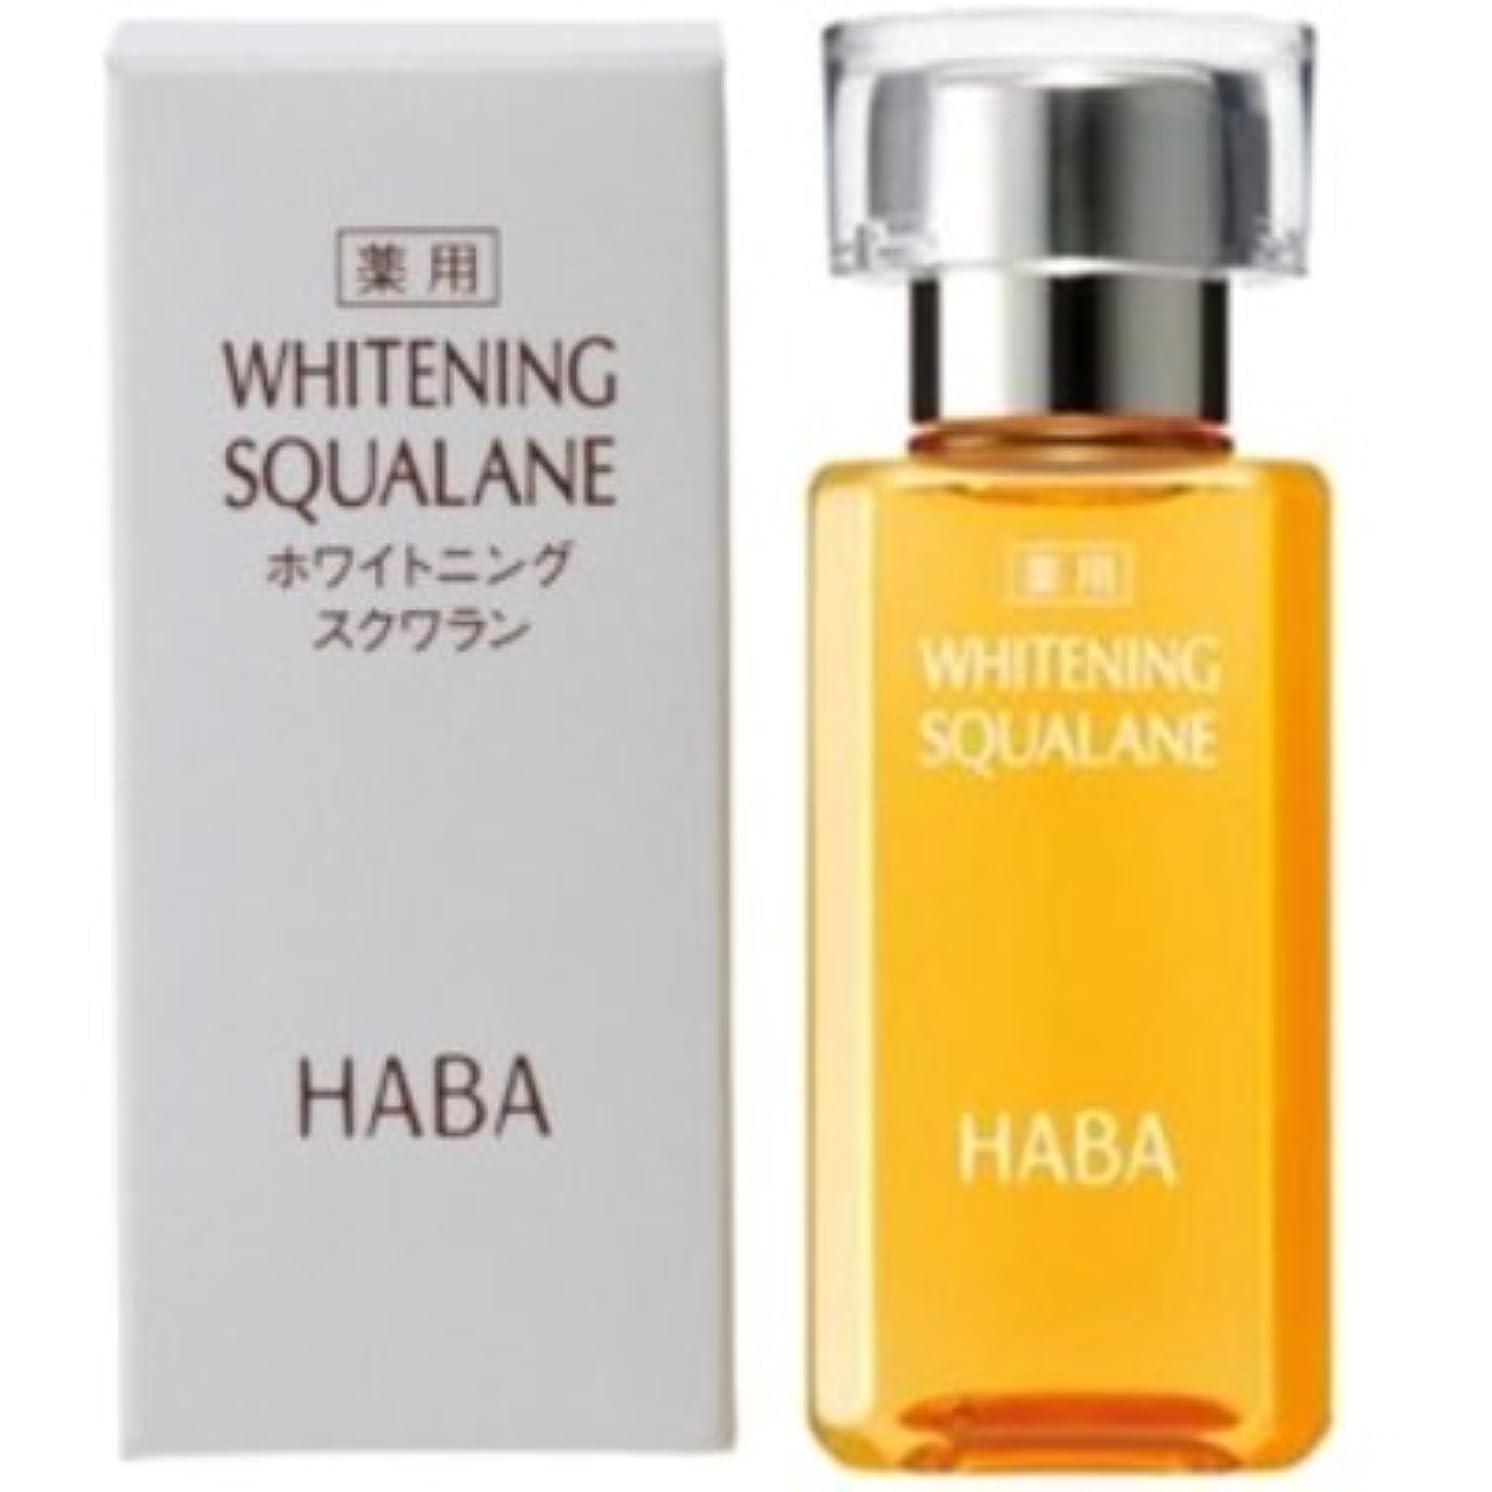 湿気の多い過敏な驚くばかりHABA 薬用 ホワイトニングスクワラン 15ml 【医薬部外品】